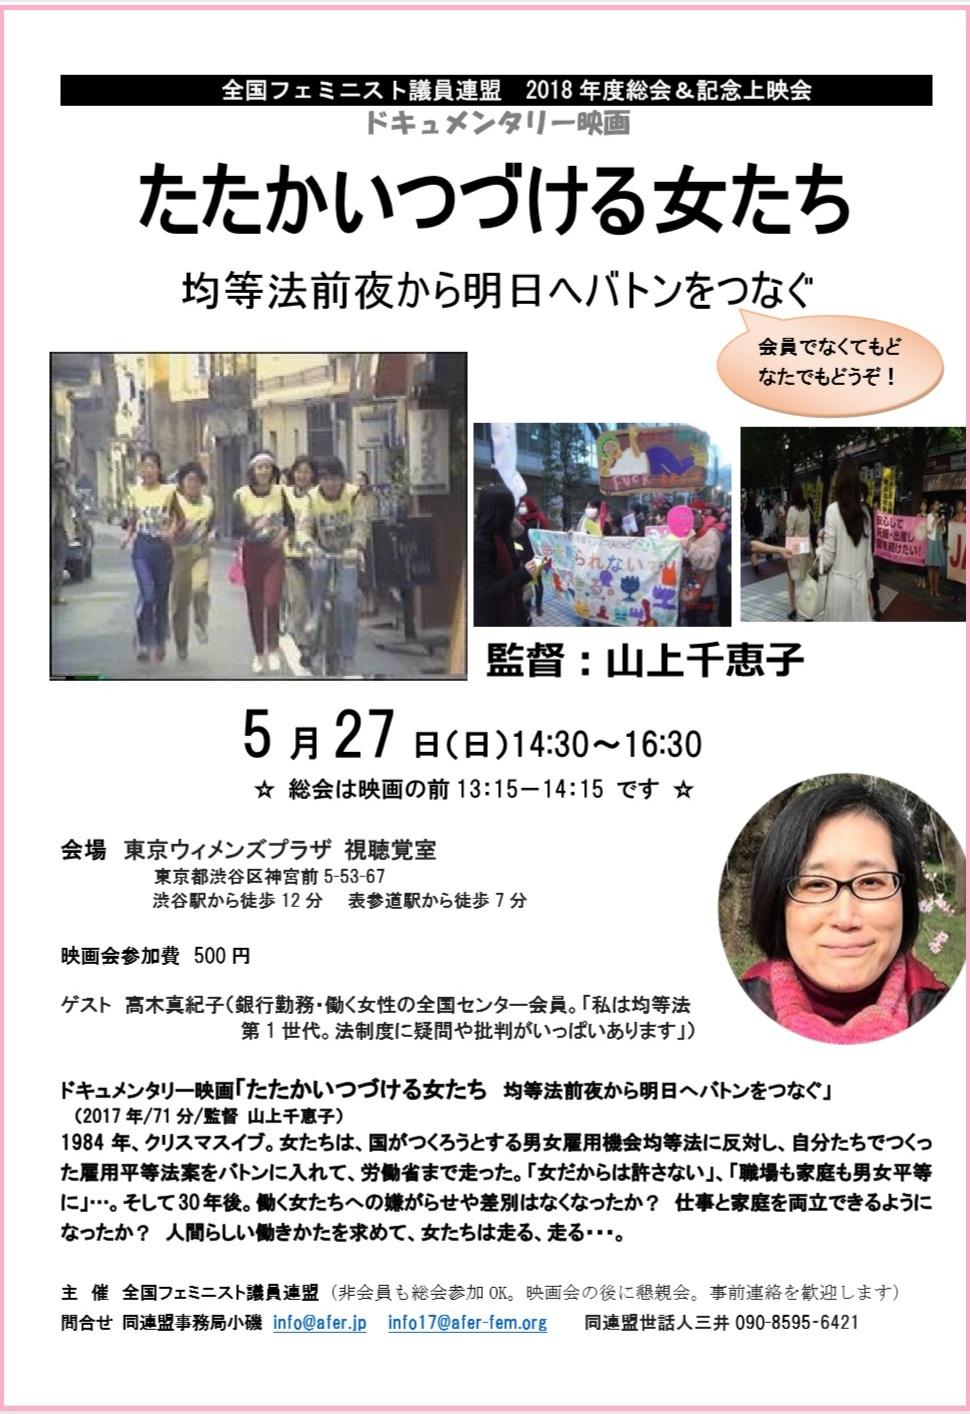 5.27上映会「たたかいつづける女たち」_c0166264_13142715.jpg